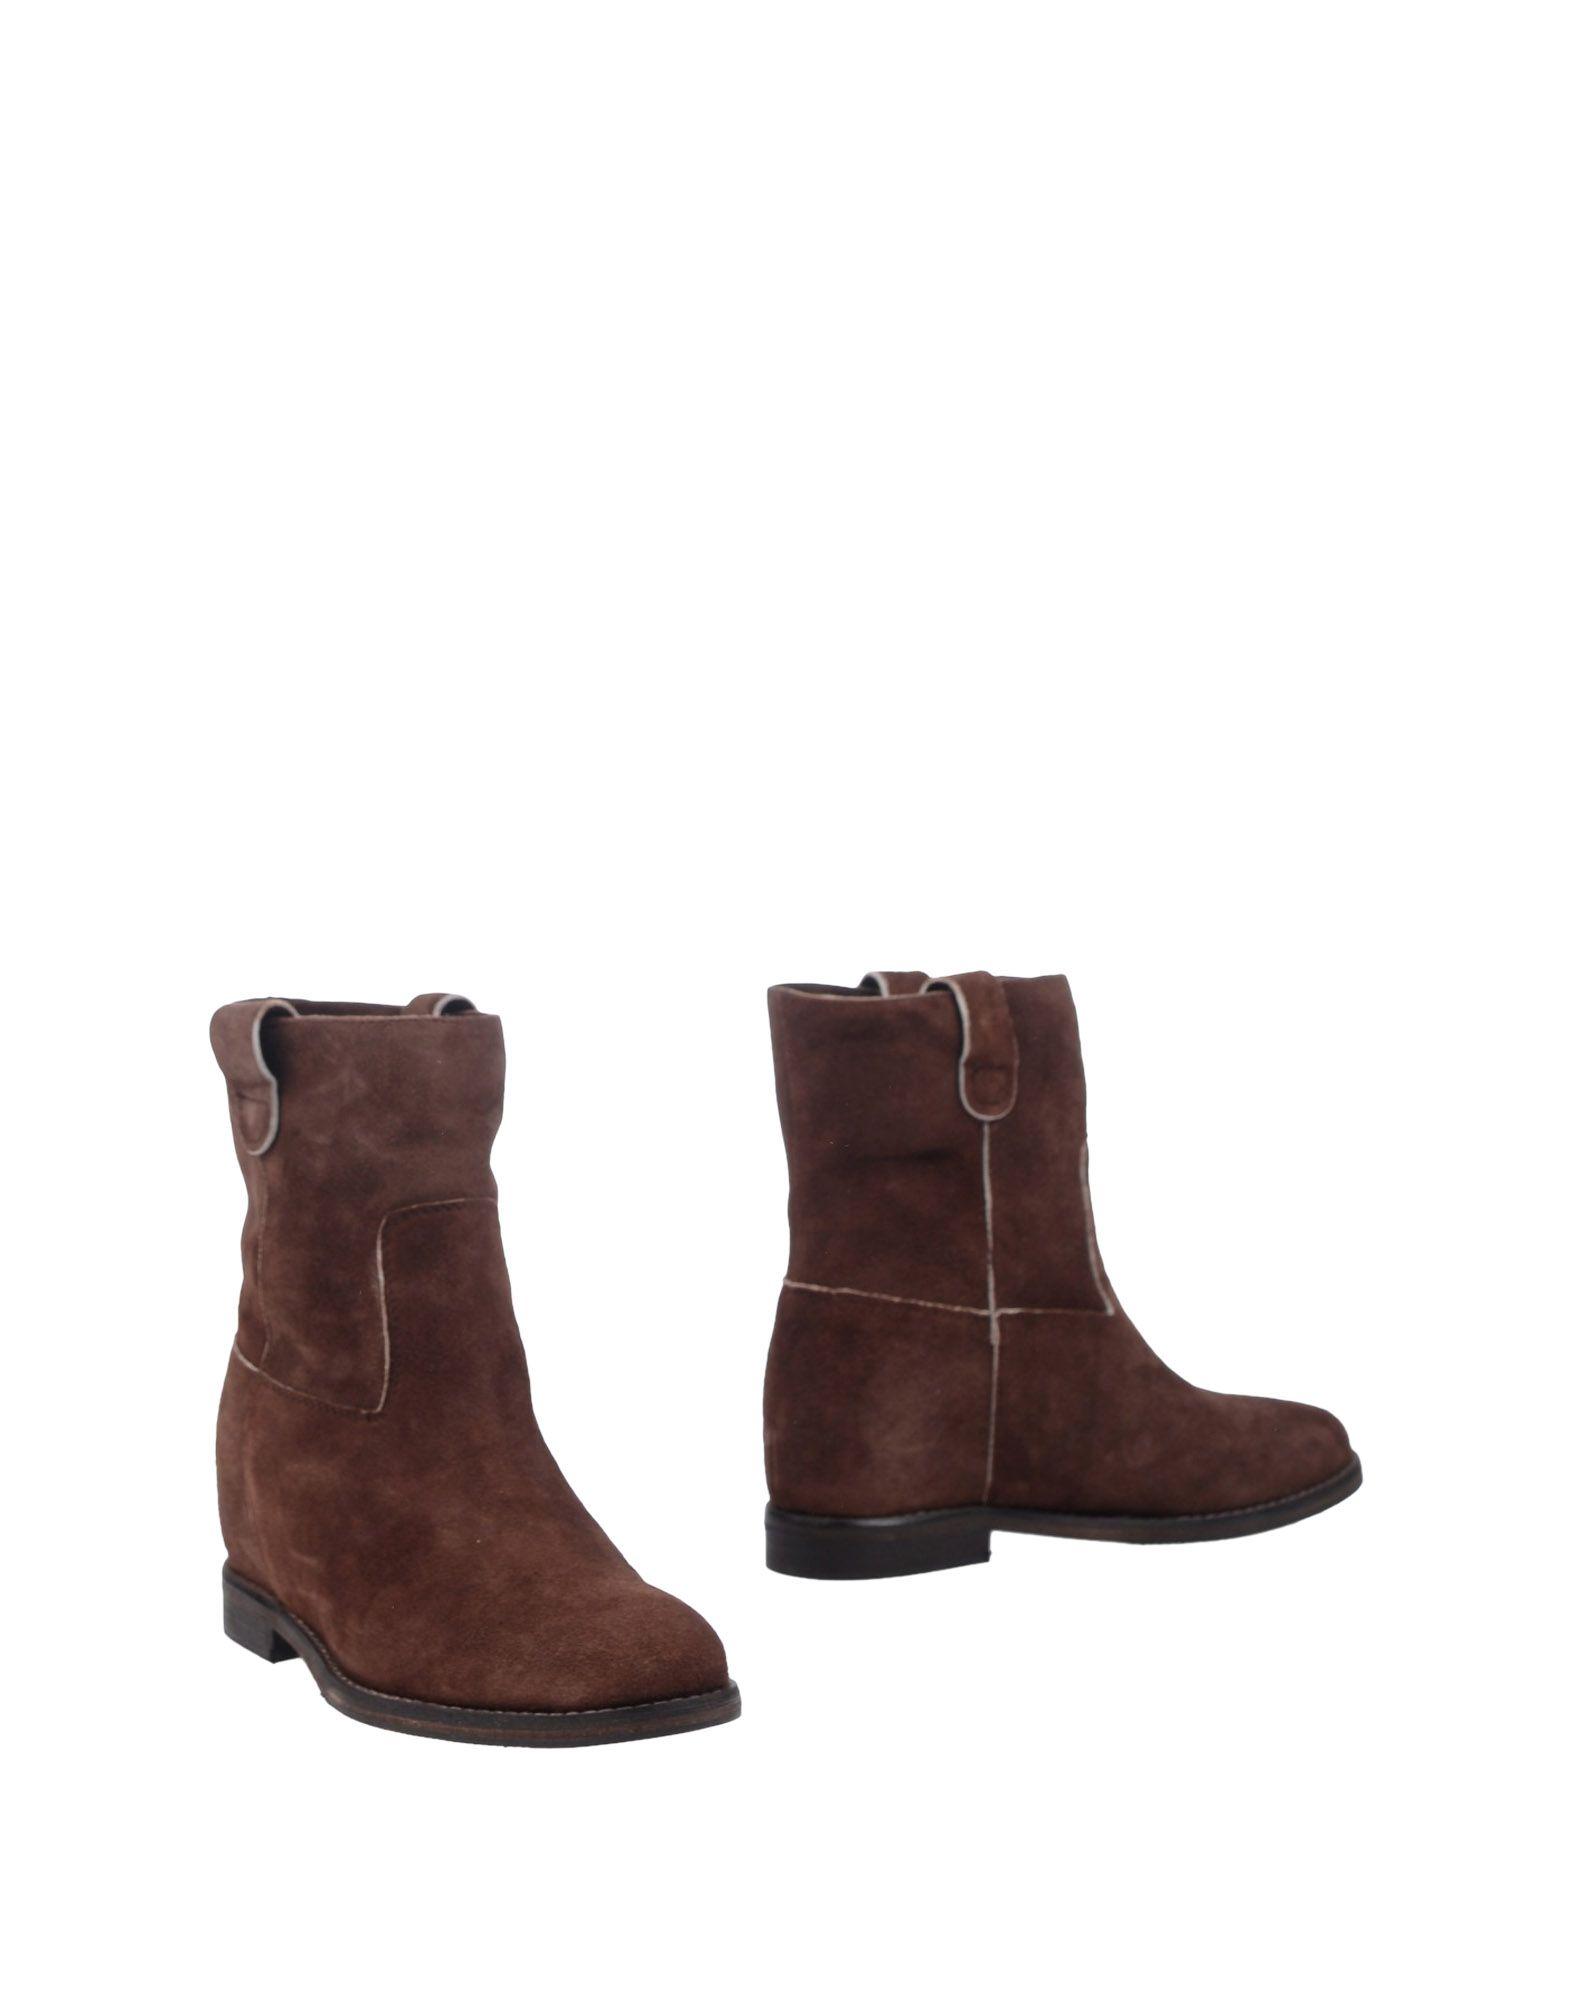 J|D Julie Dee 11292786CF Stiefelette Damen  11292786CF Dee Gute Qualität beliebte Schuhe 3c6523